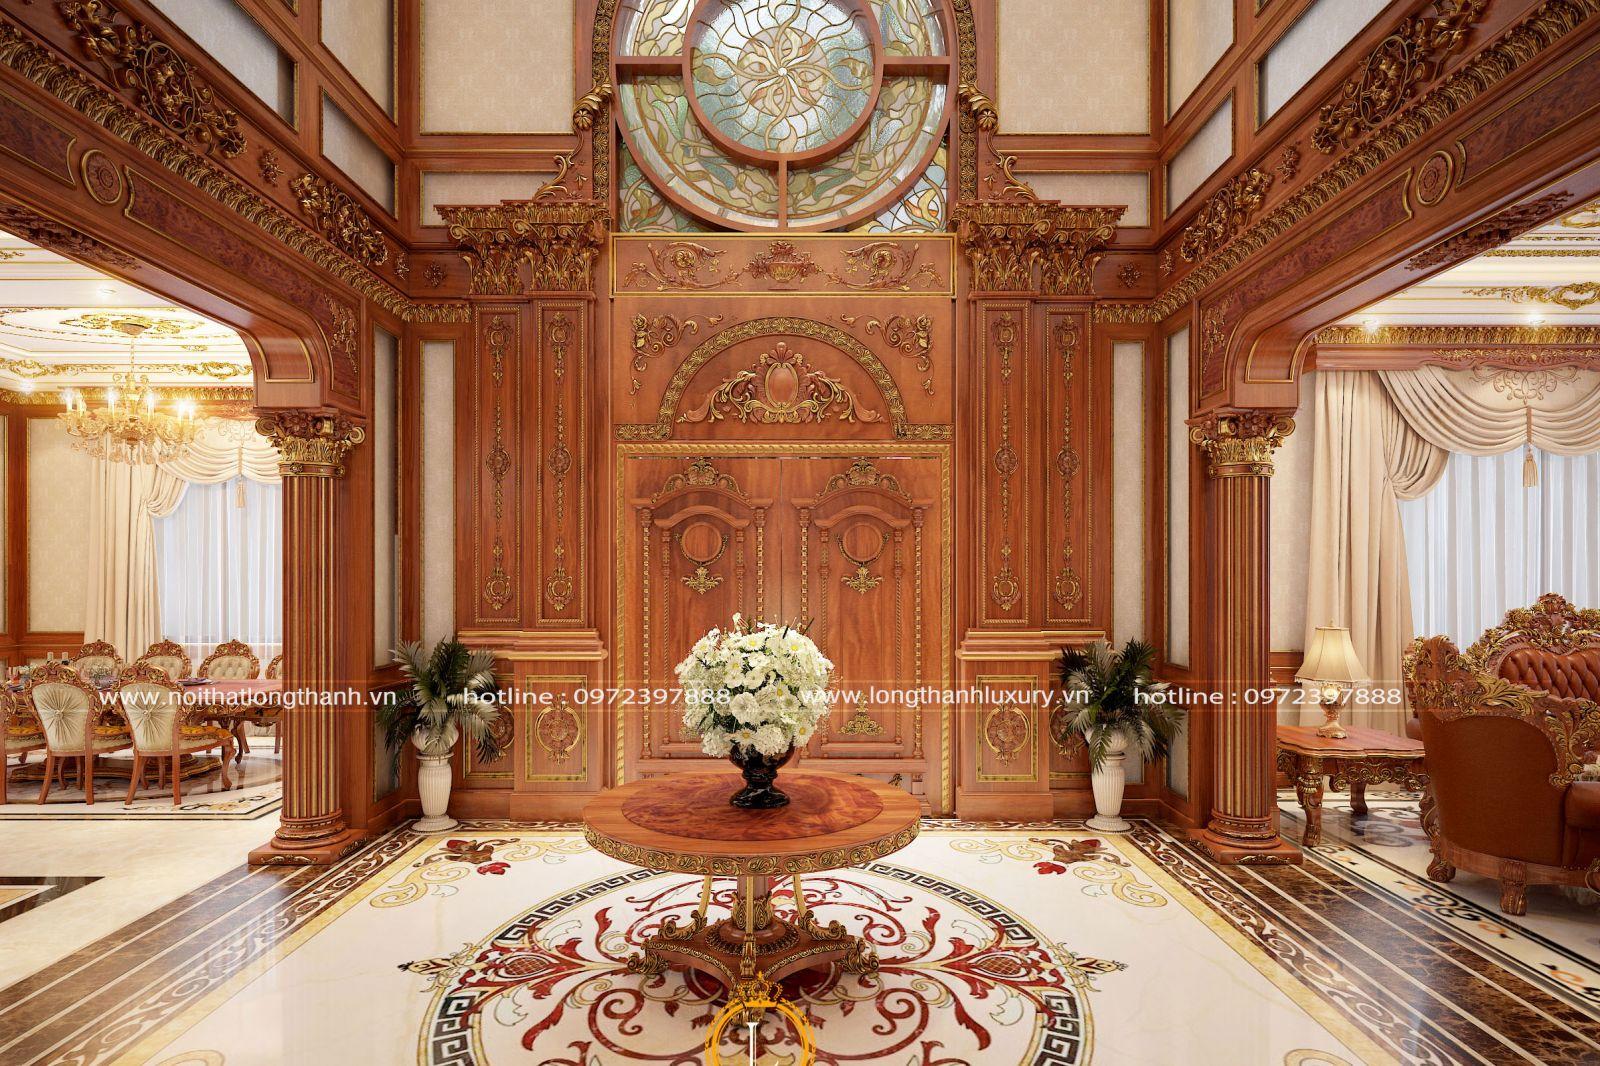 Mẫu cửa gỗ đẳng cấp dành cho nhà biệt thự với thiết kế sang trọng